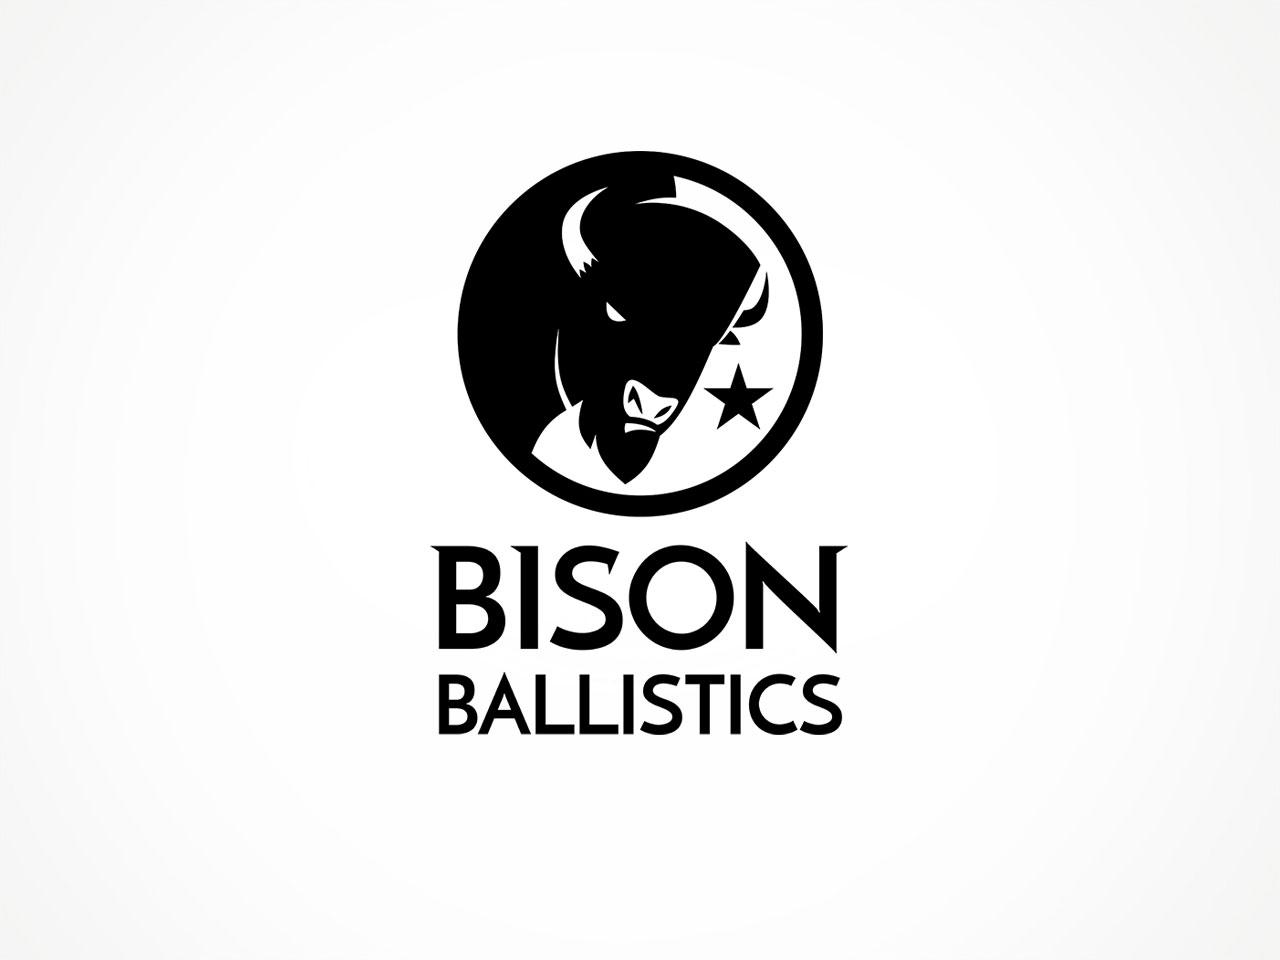 Bison Ballistics